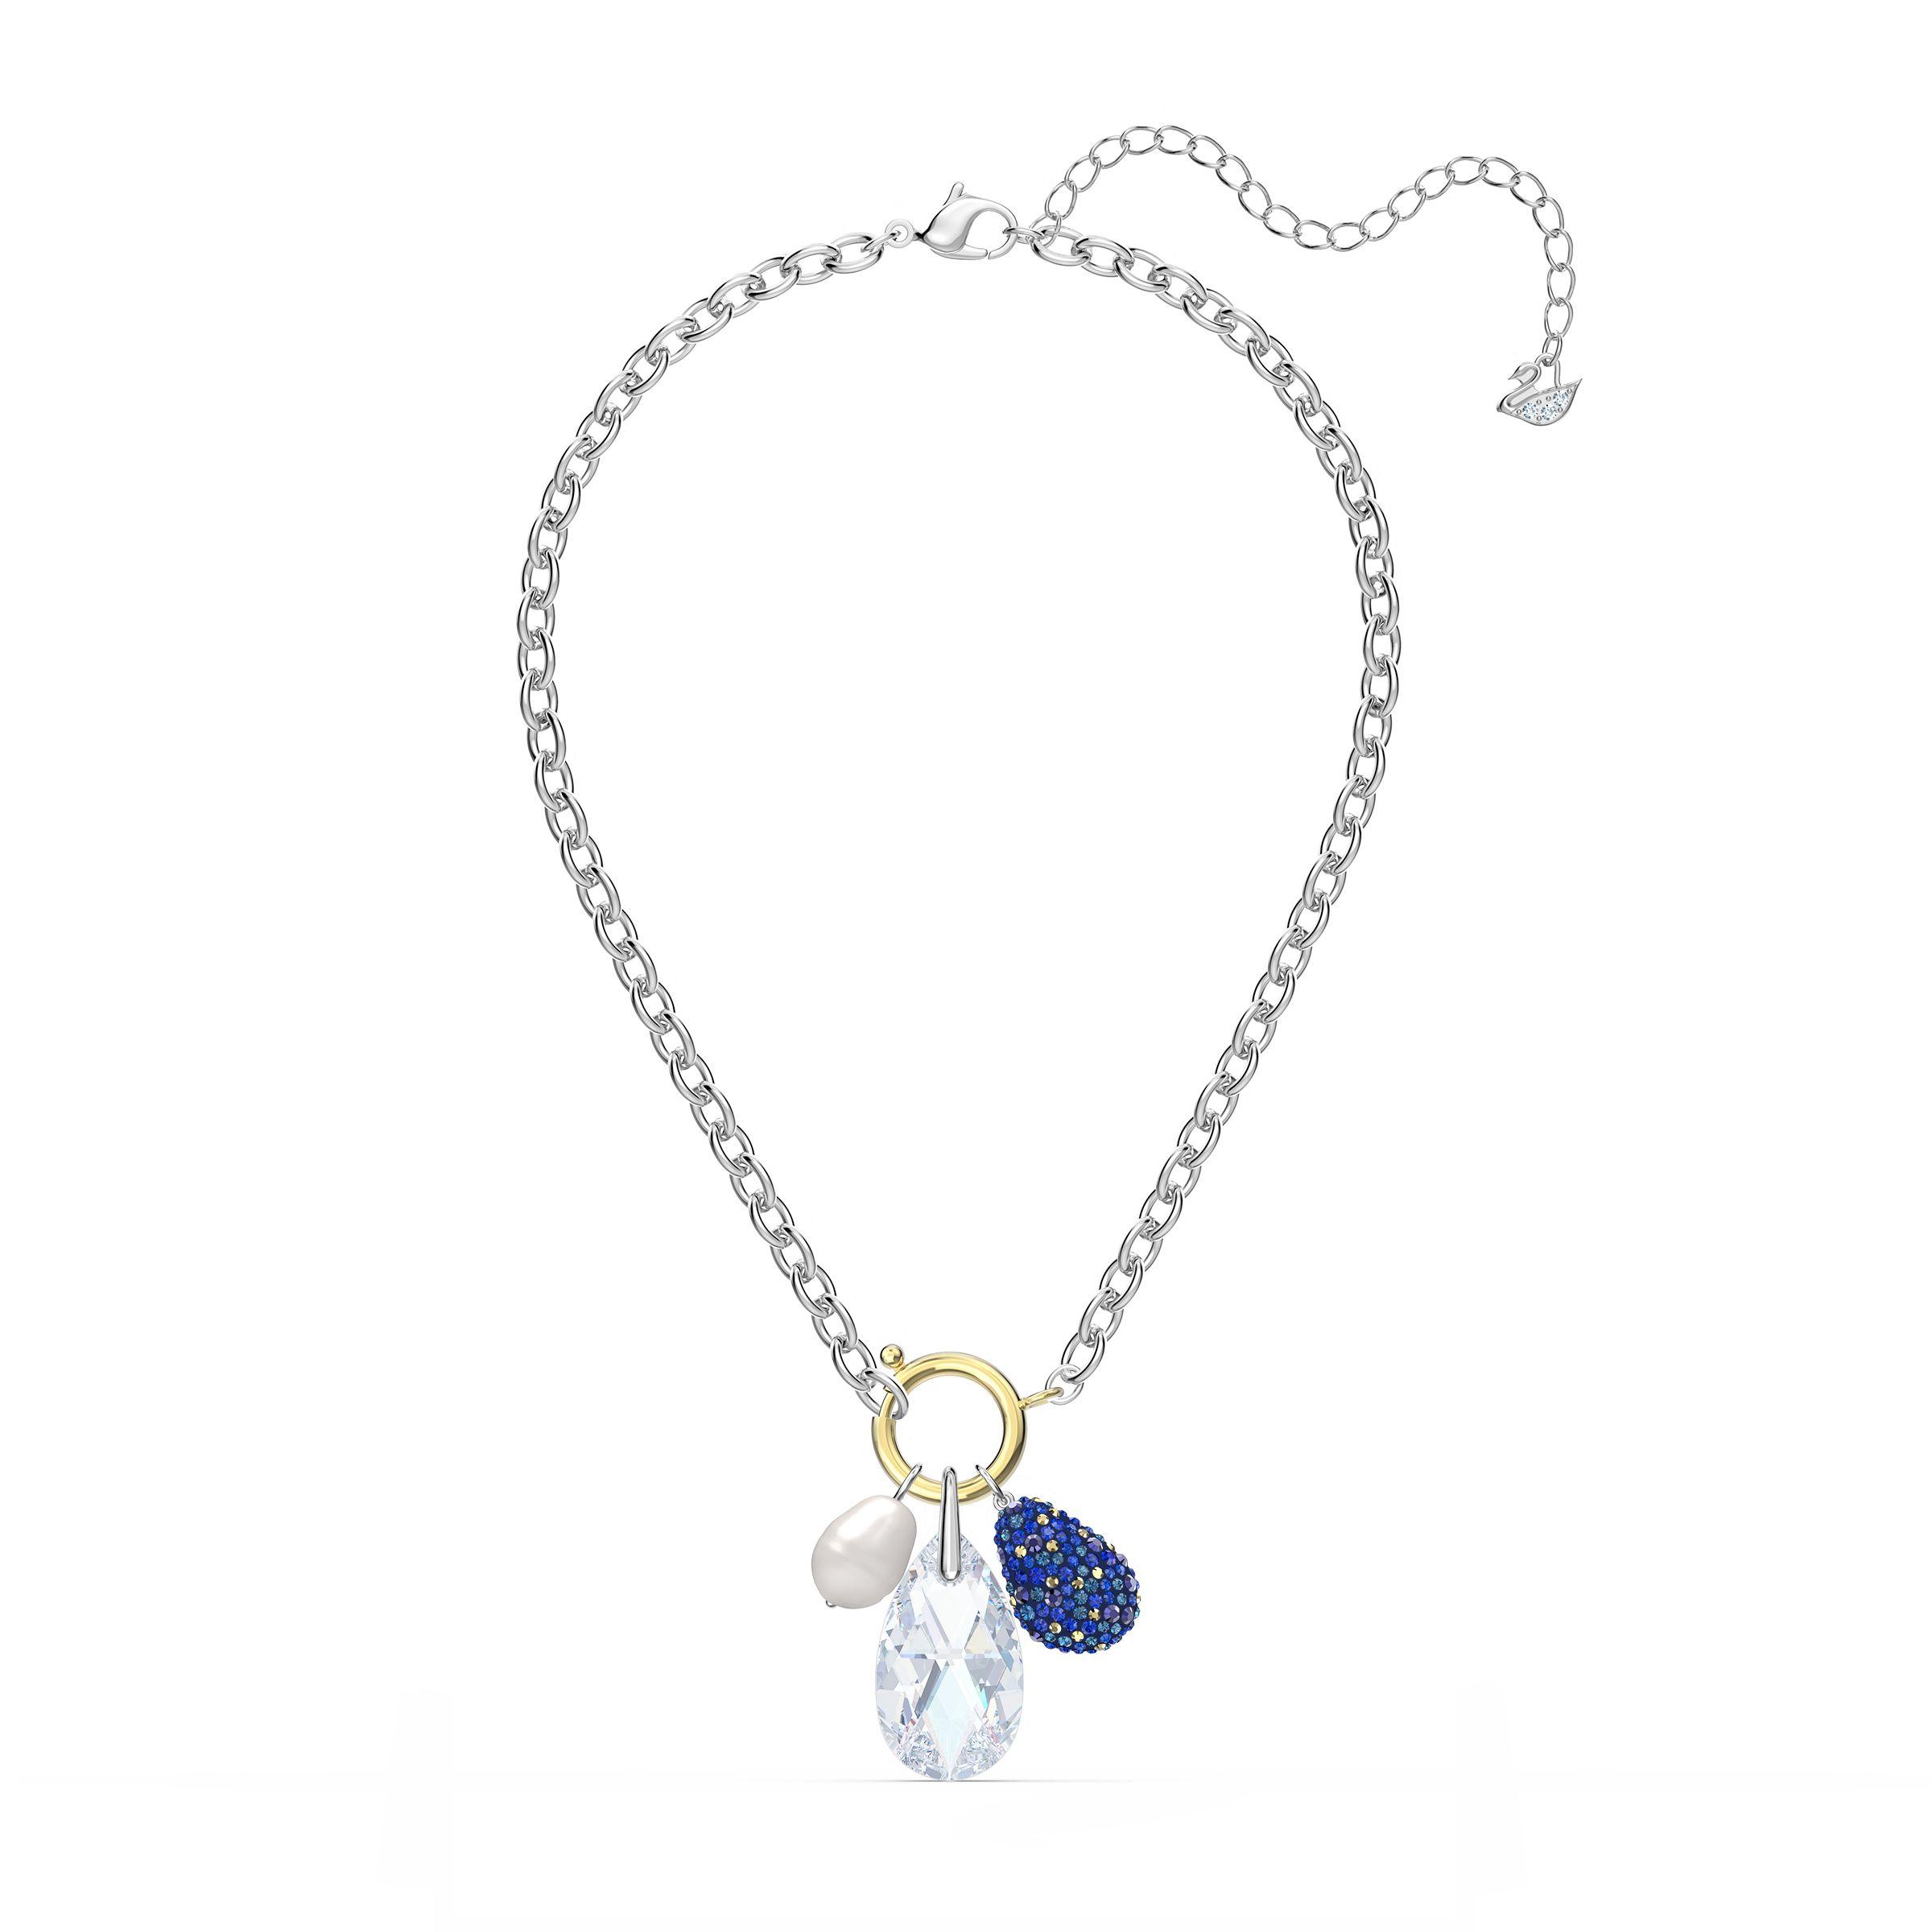 Collier The Elements, bleu, finition mix de métal, Swarovski